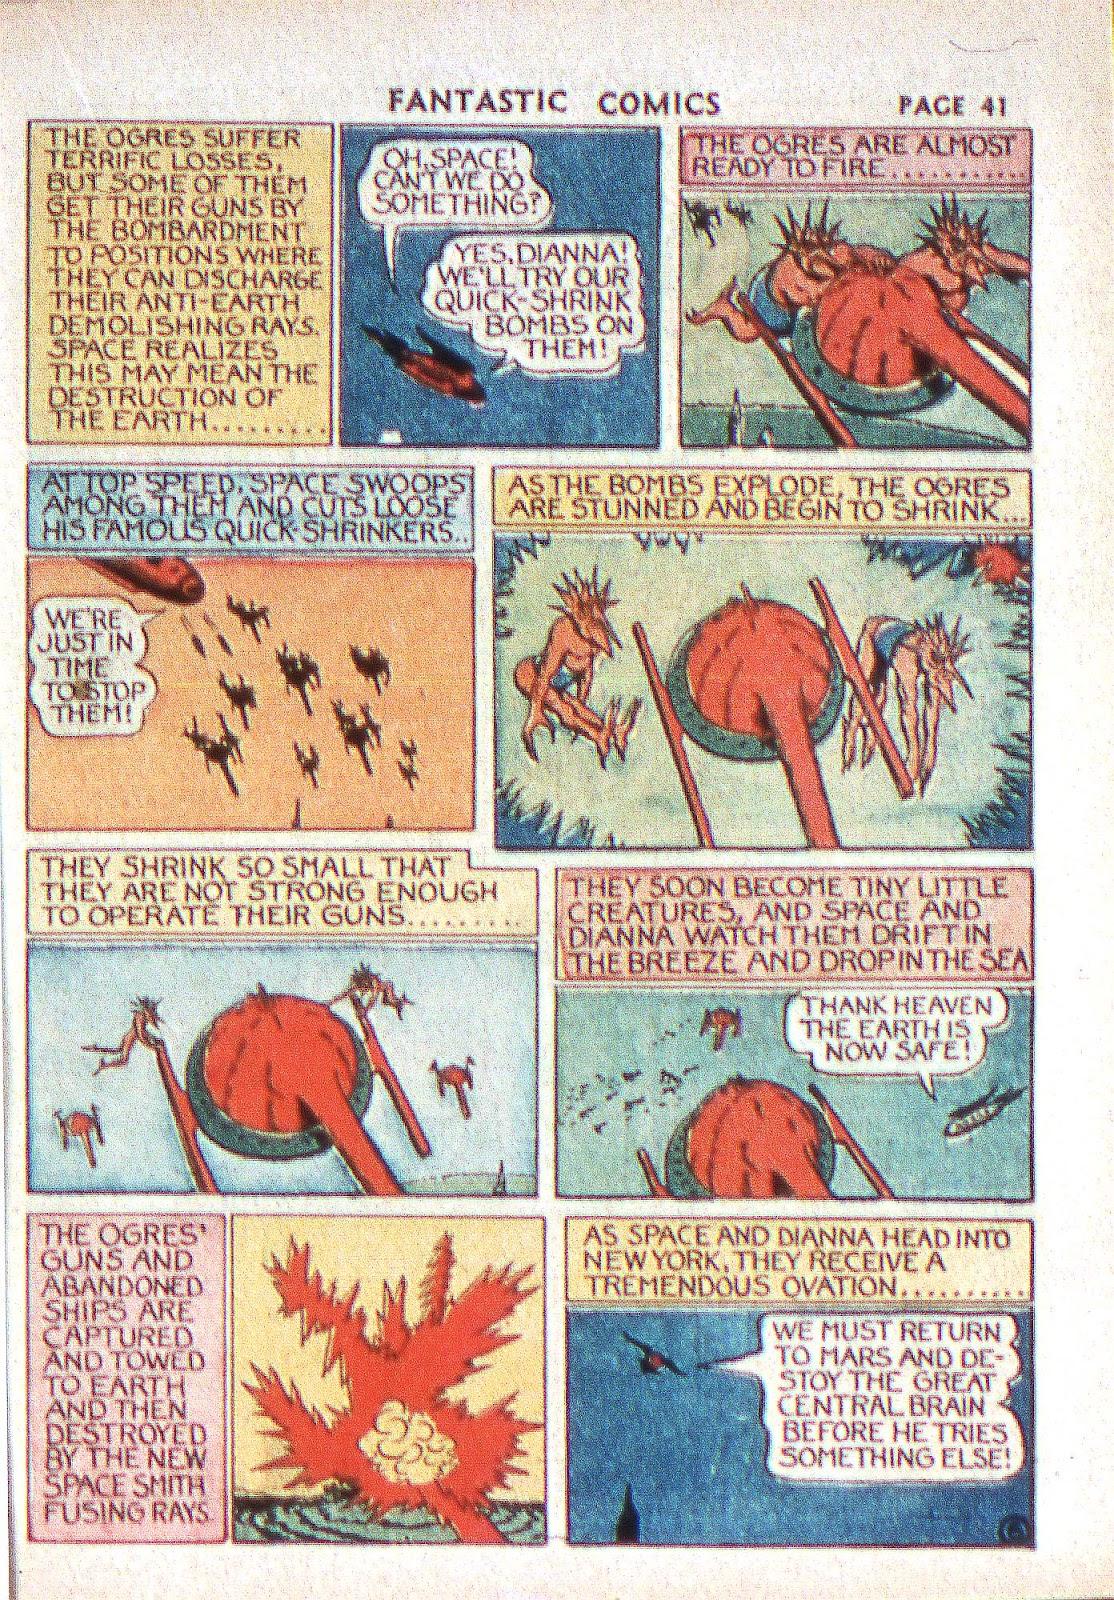 Read online Fantastic Comics comic -  Issue #2 - 42